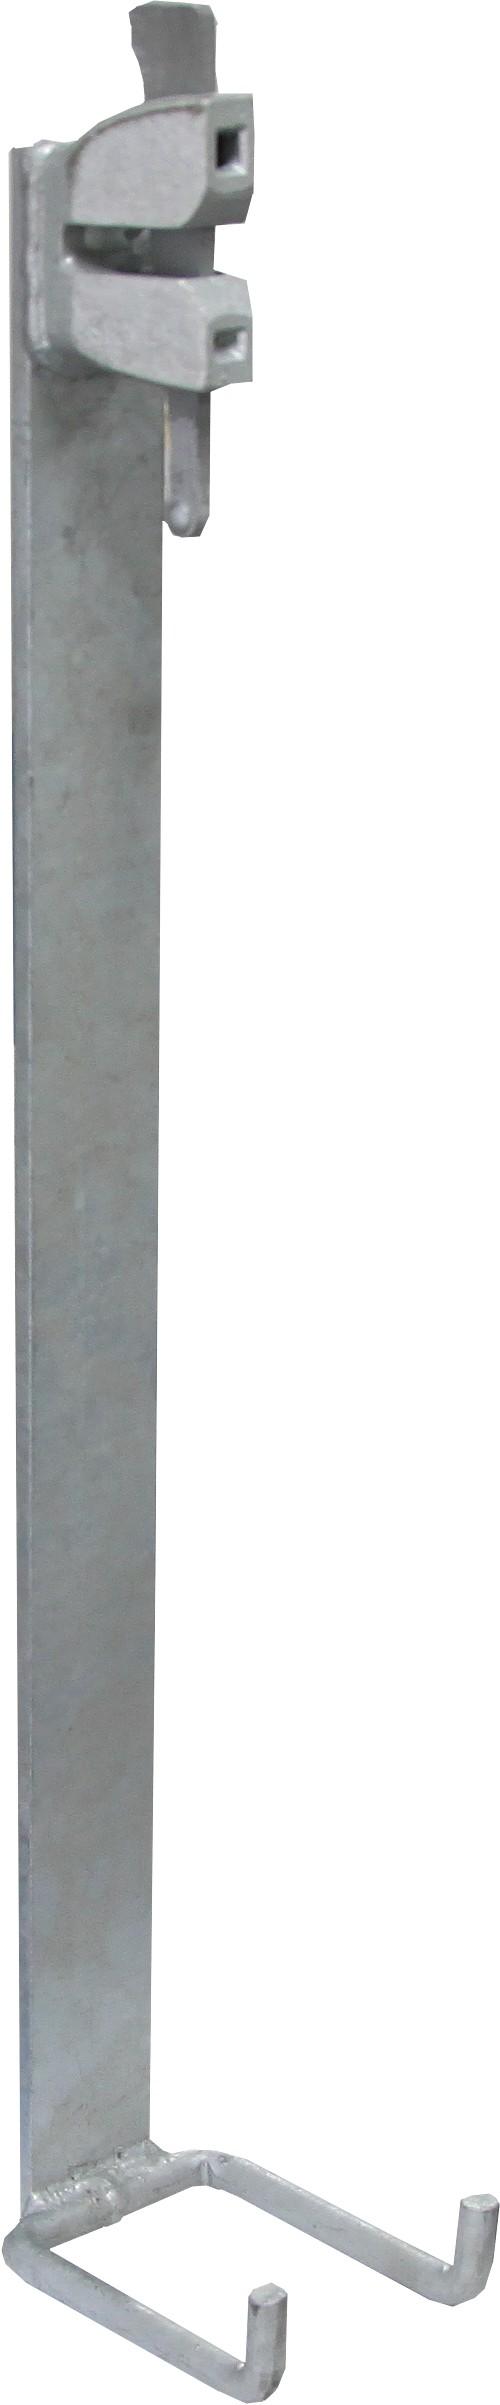 plettac distribution - Securing element for Base Plate